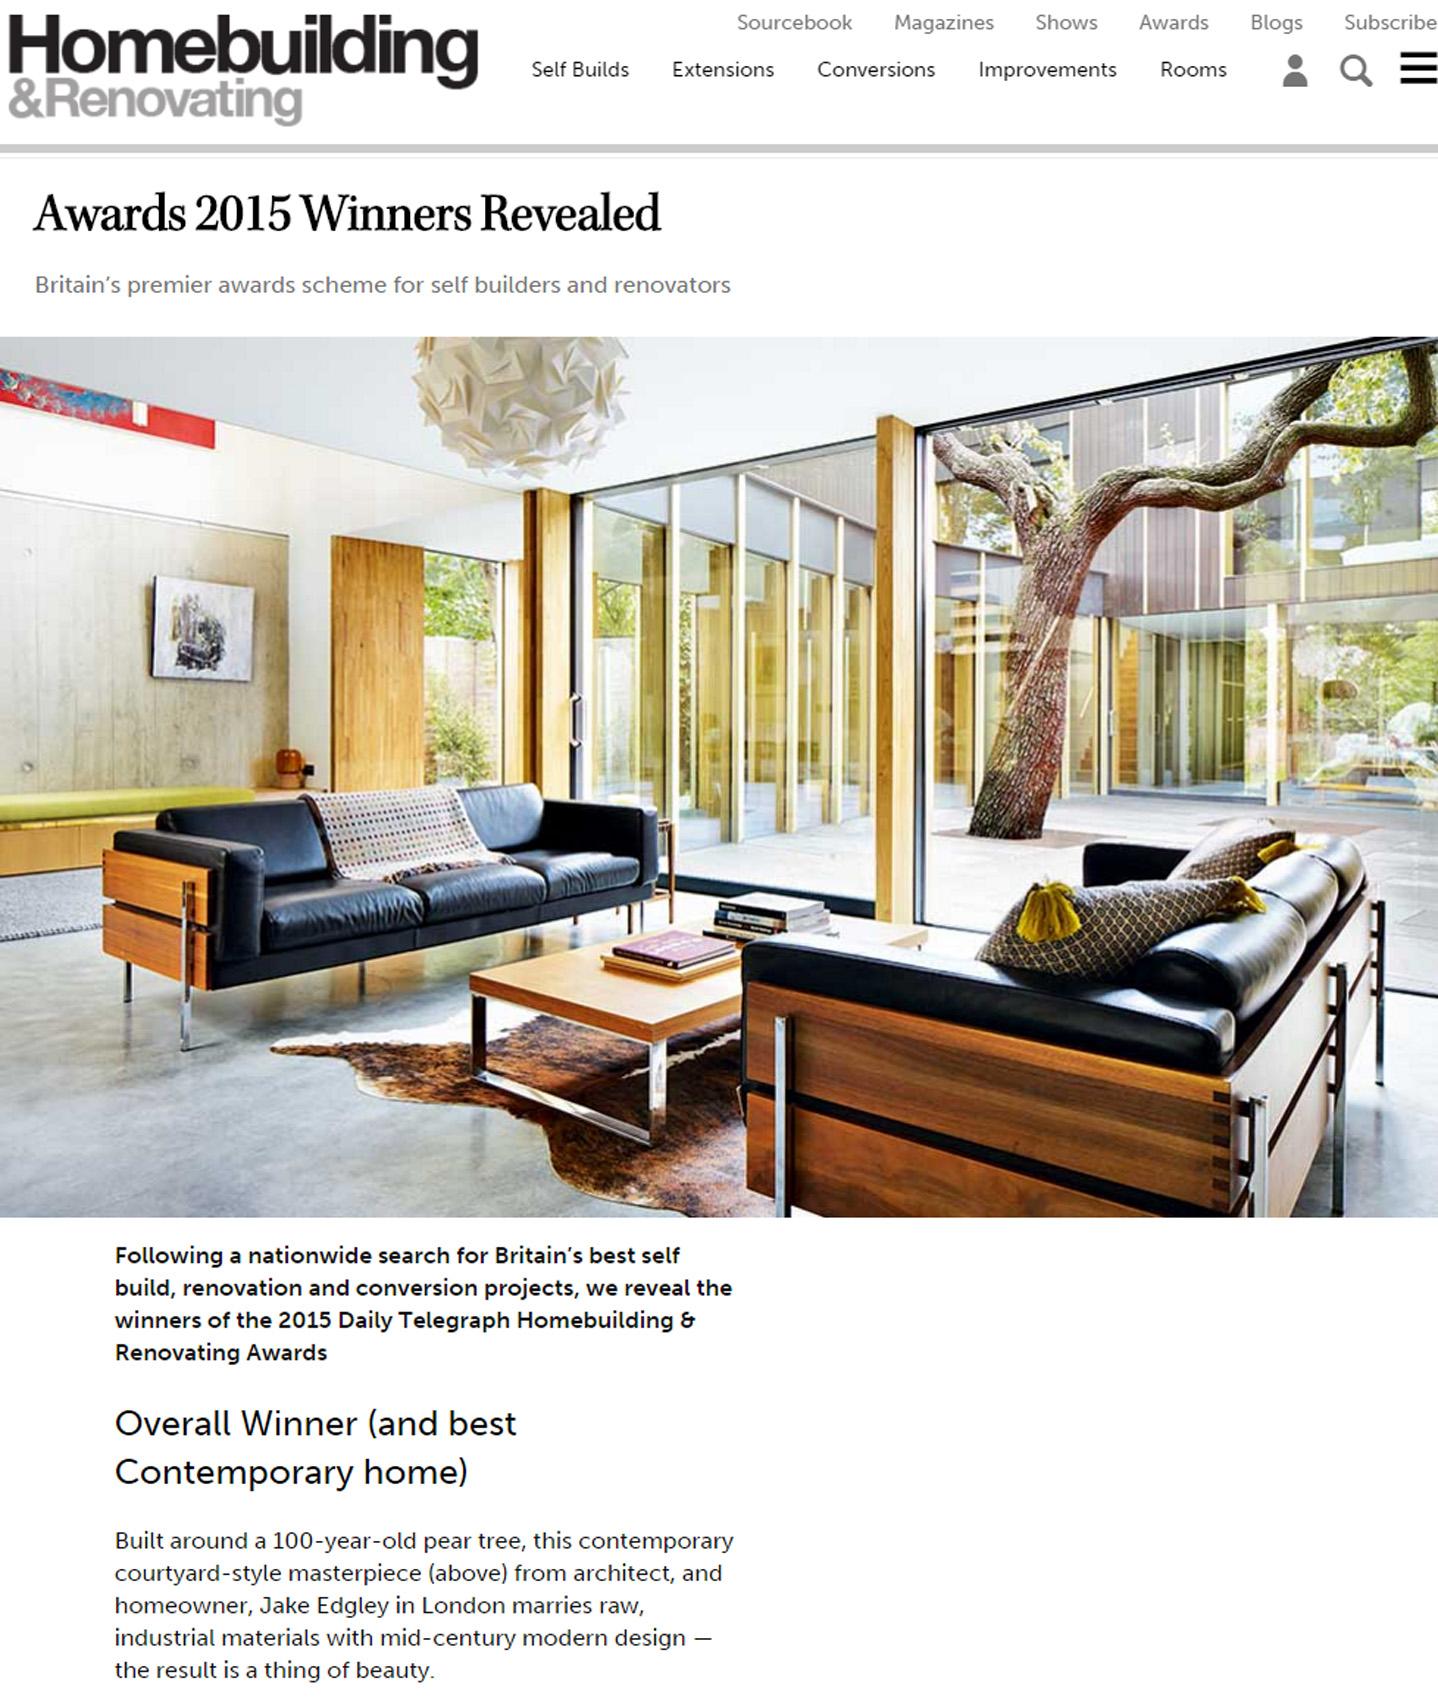 Homebuilding-Renovating-Award-Winner-151126.jpg